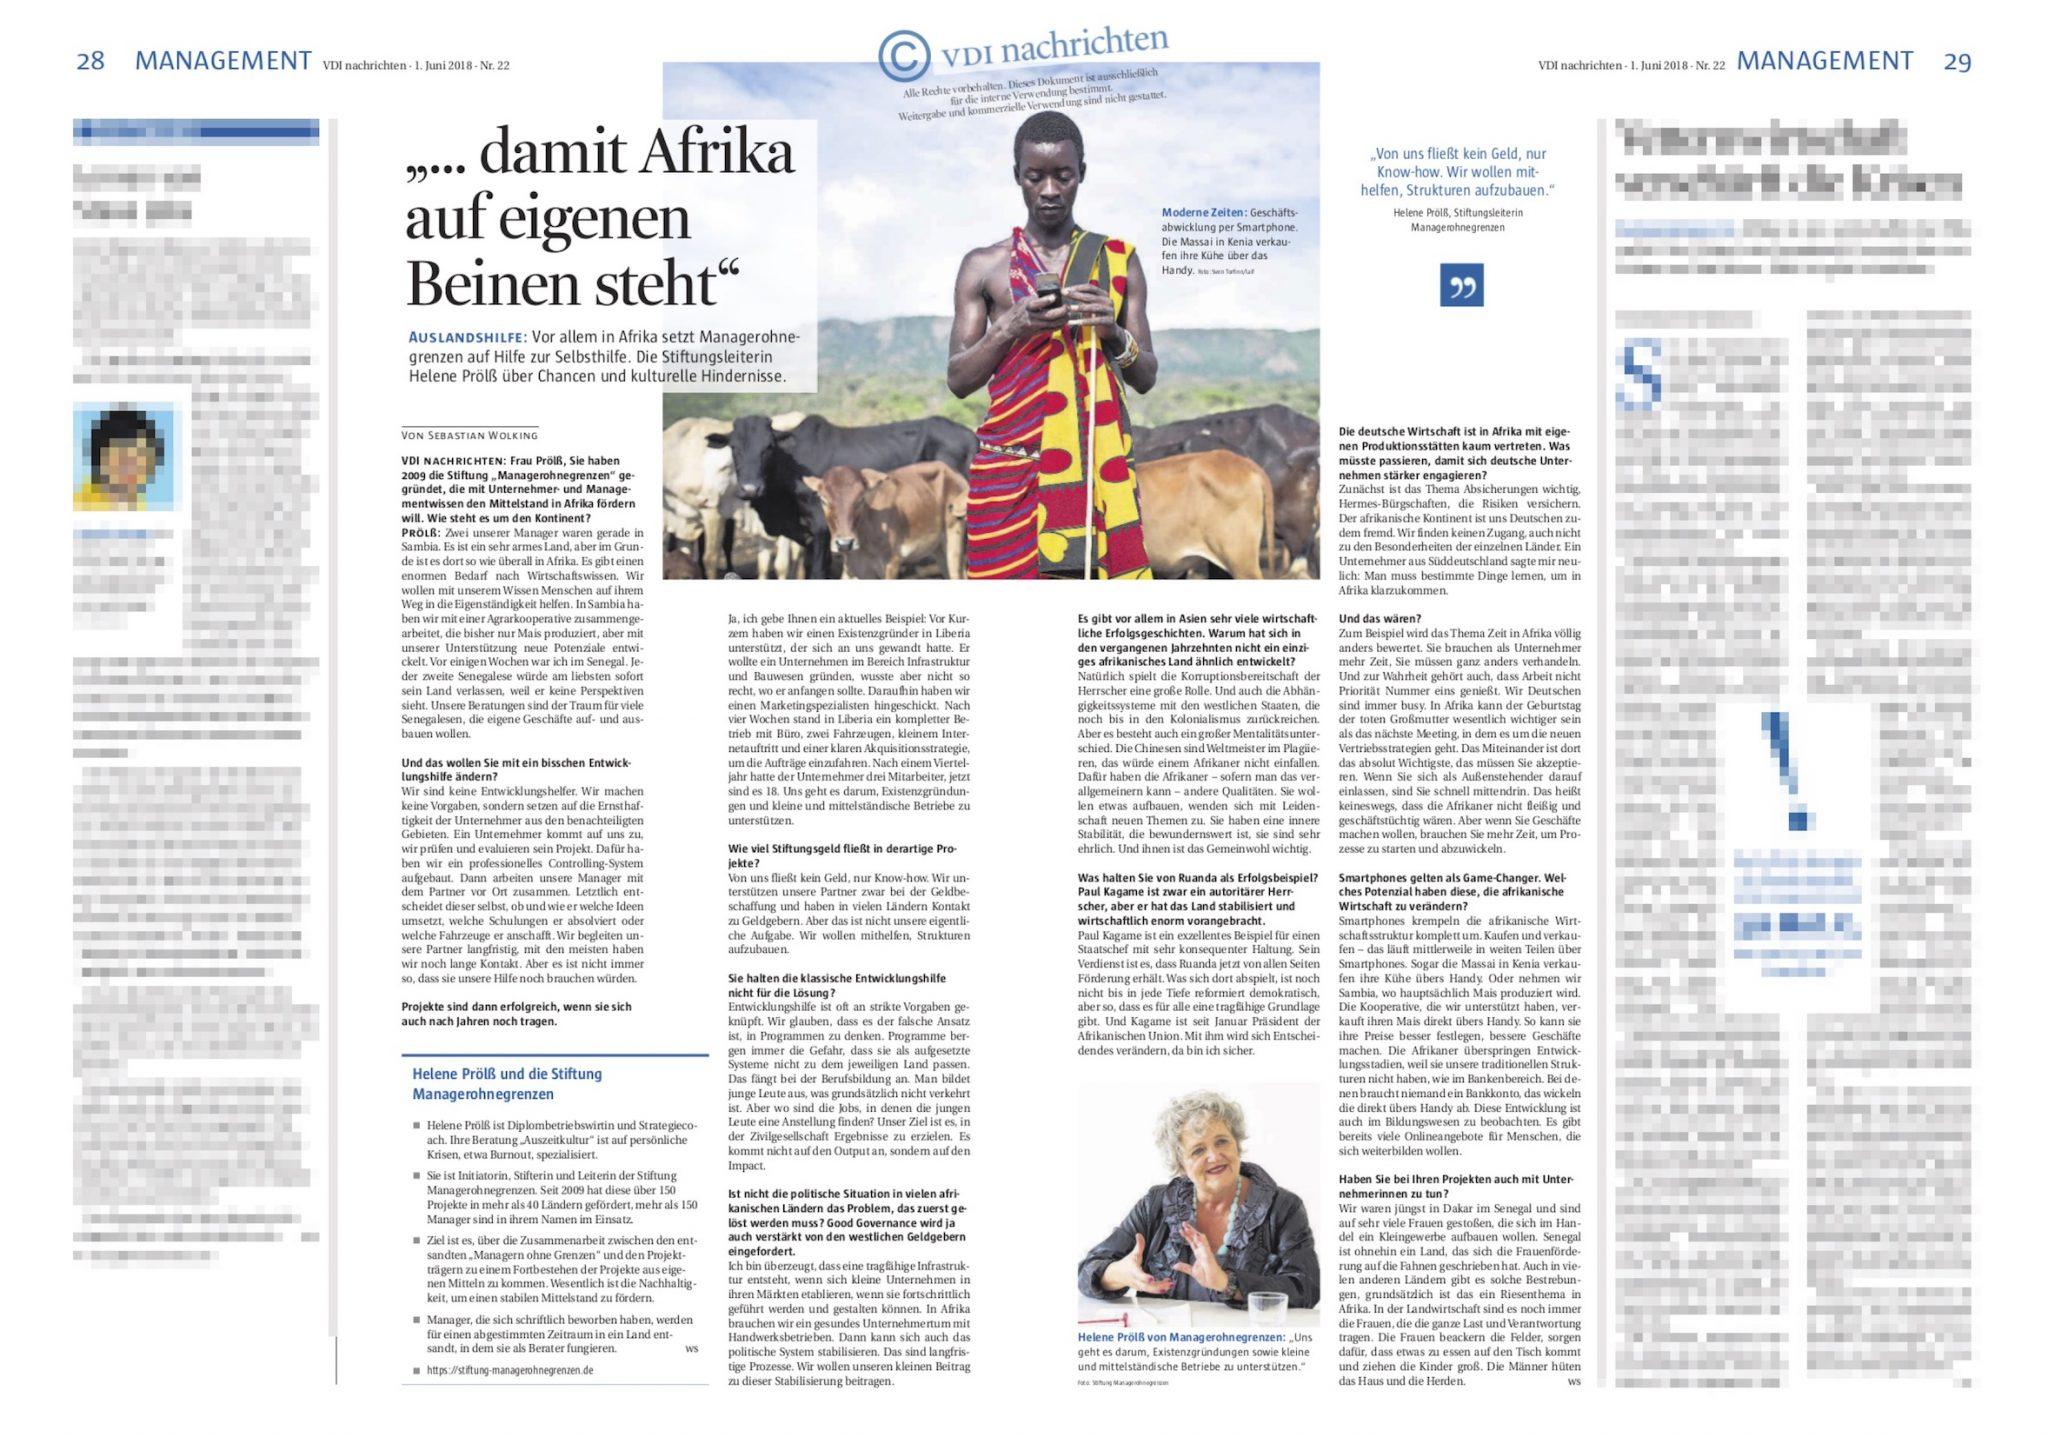 Manager ohne Grenzen @ VDI Nachrichten, June 2018